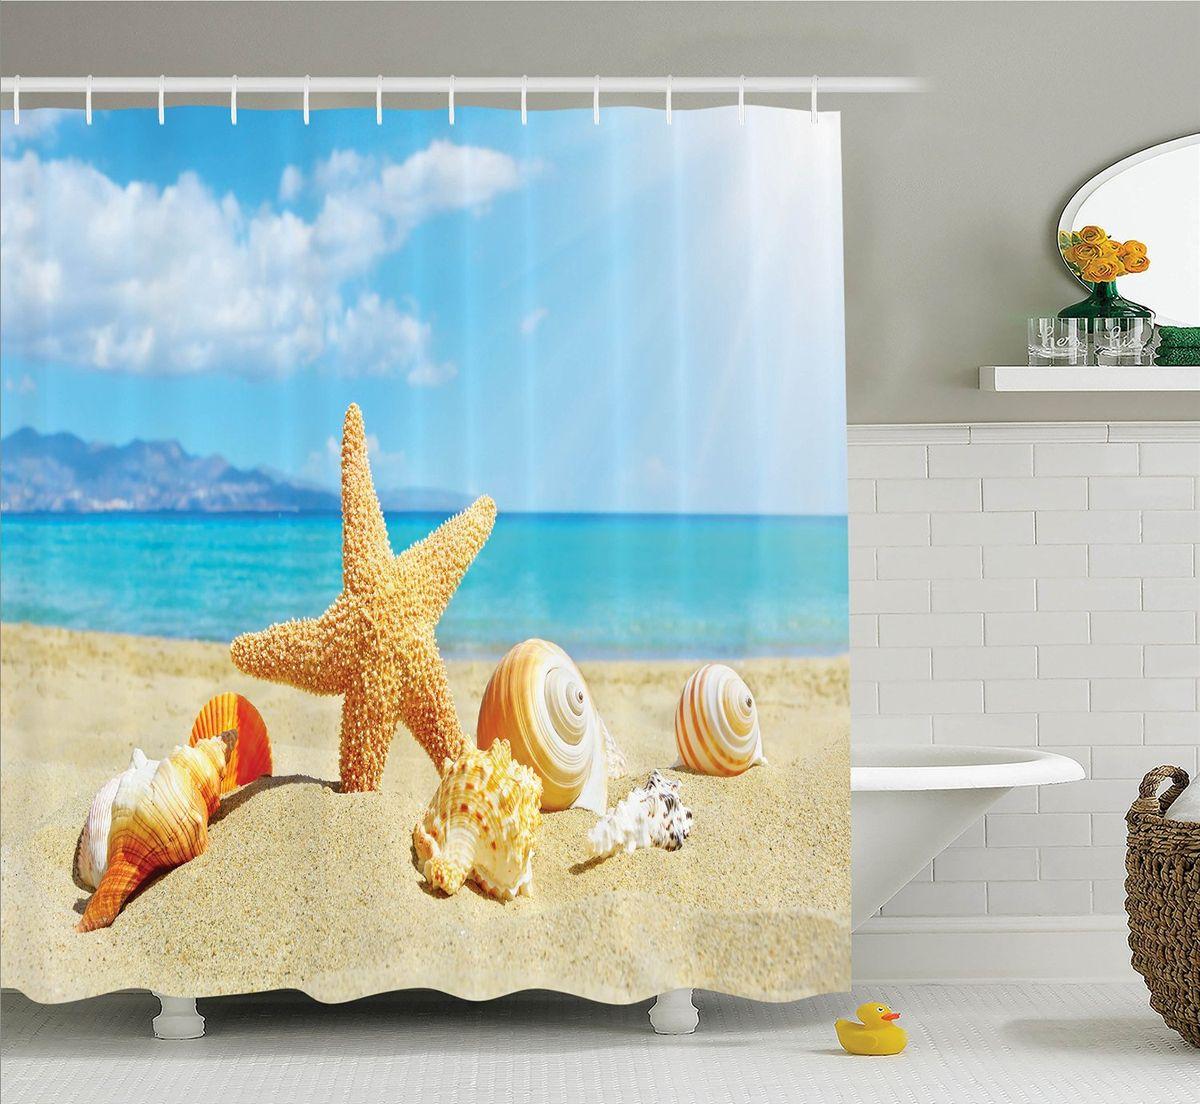 Штора для ванной комнаты Magic Lady Ракушки на пляже, 180 х 200 см фотоштора для ванной утка принимает душ magic lady 180 х 200 см